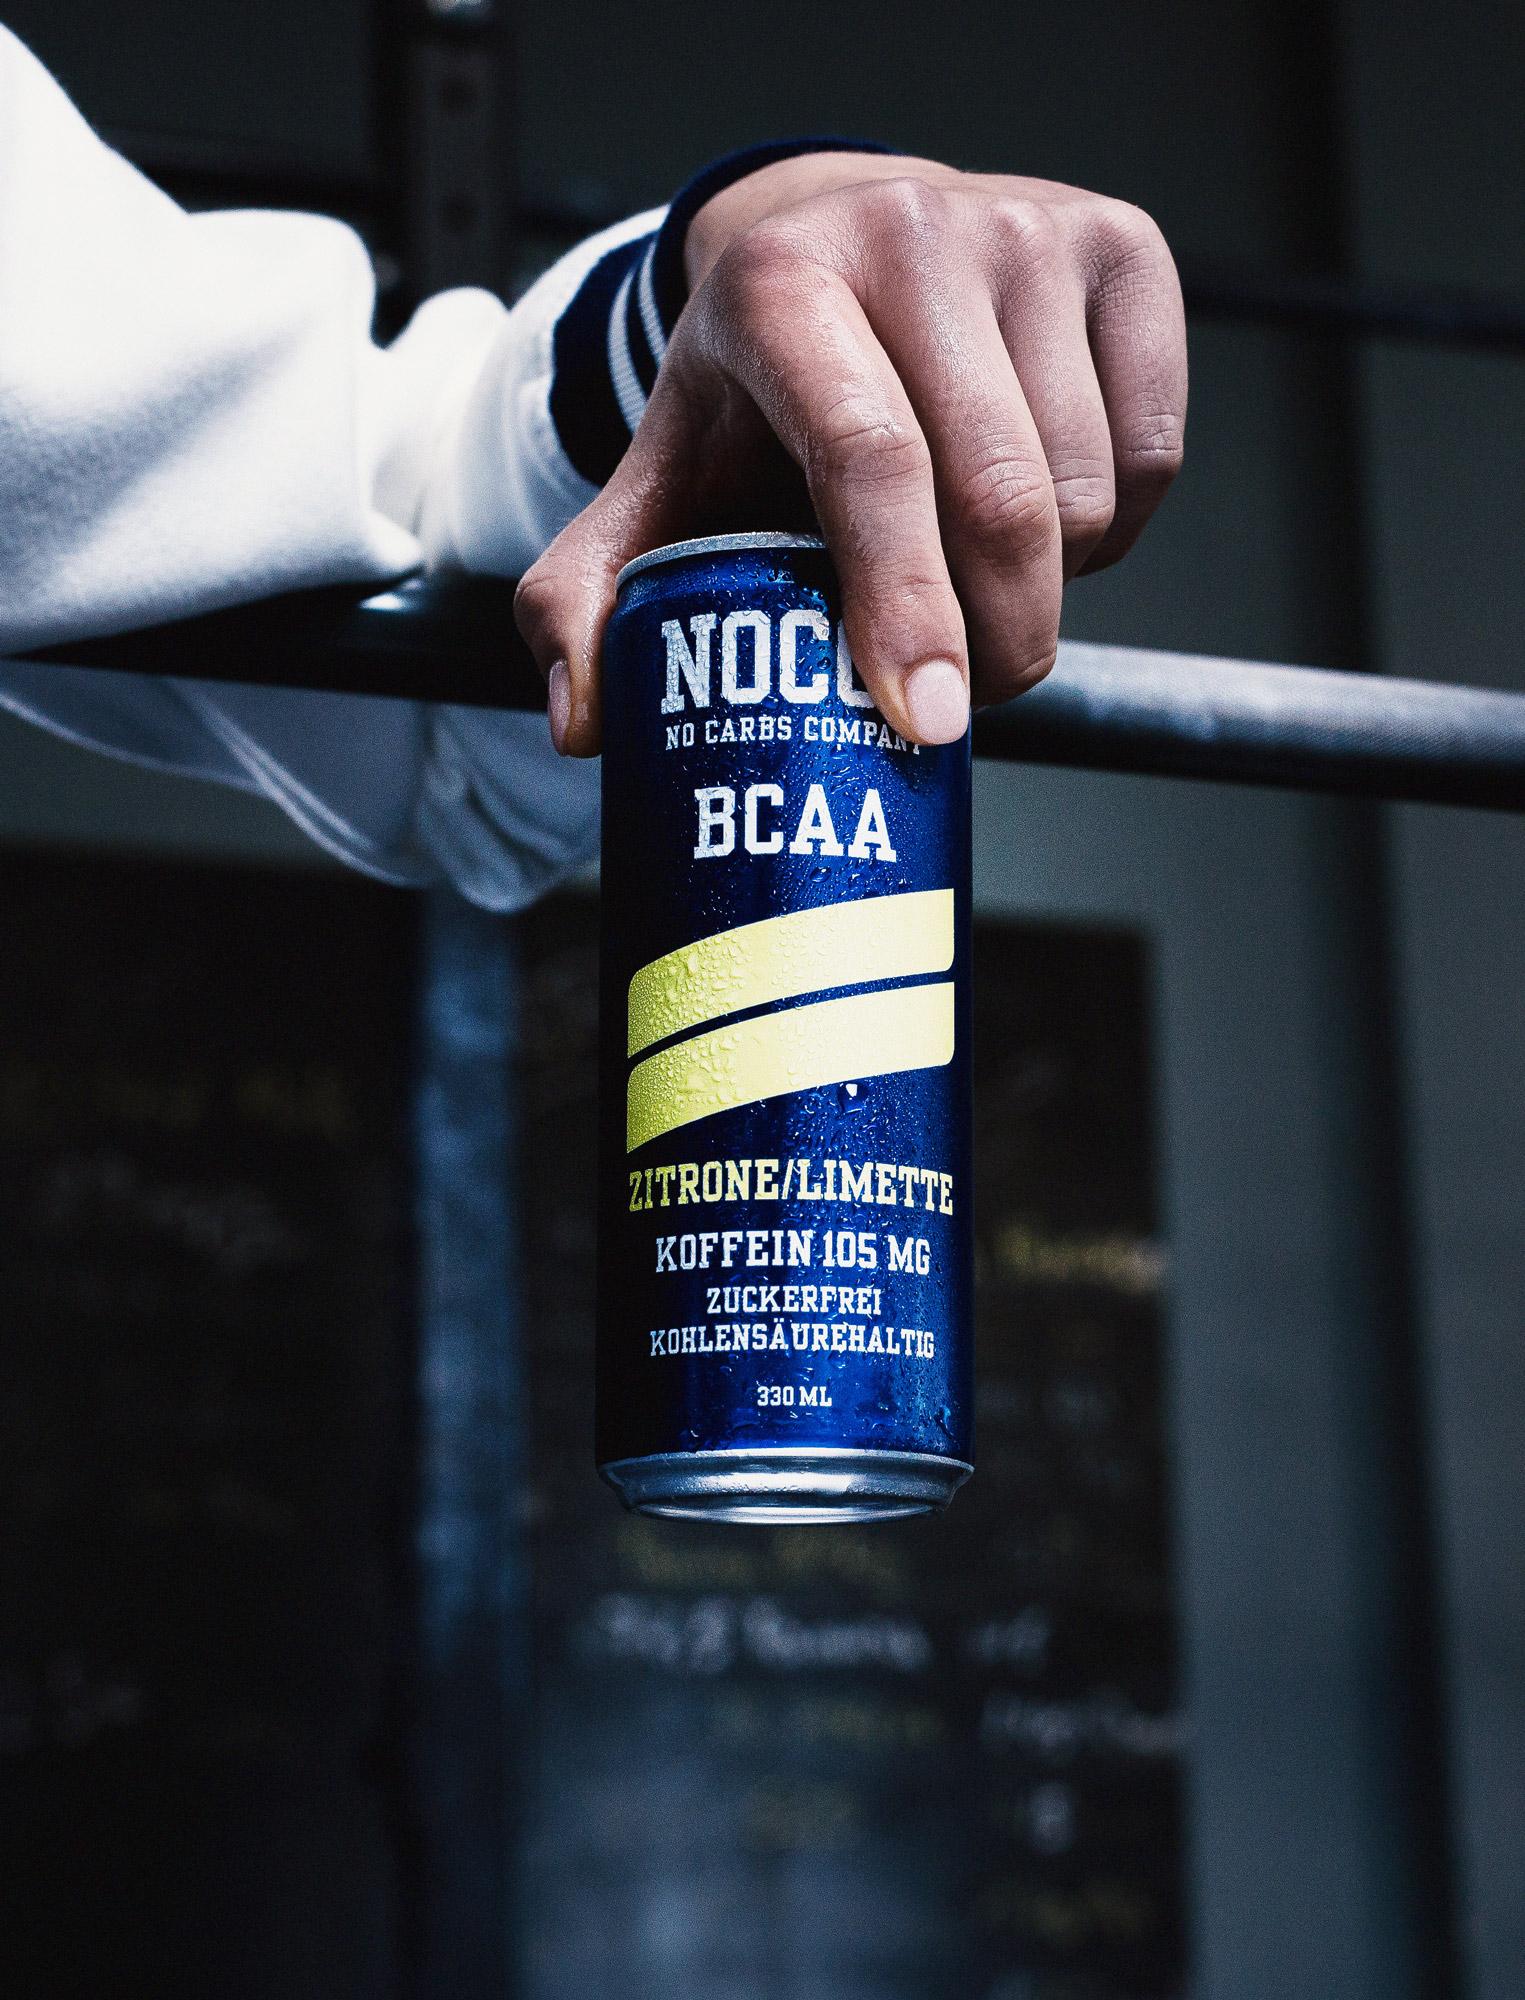 Nocco6